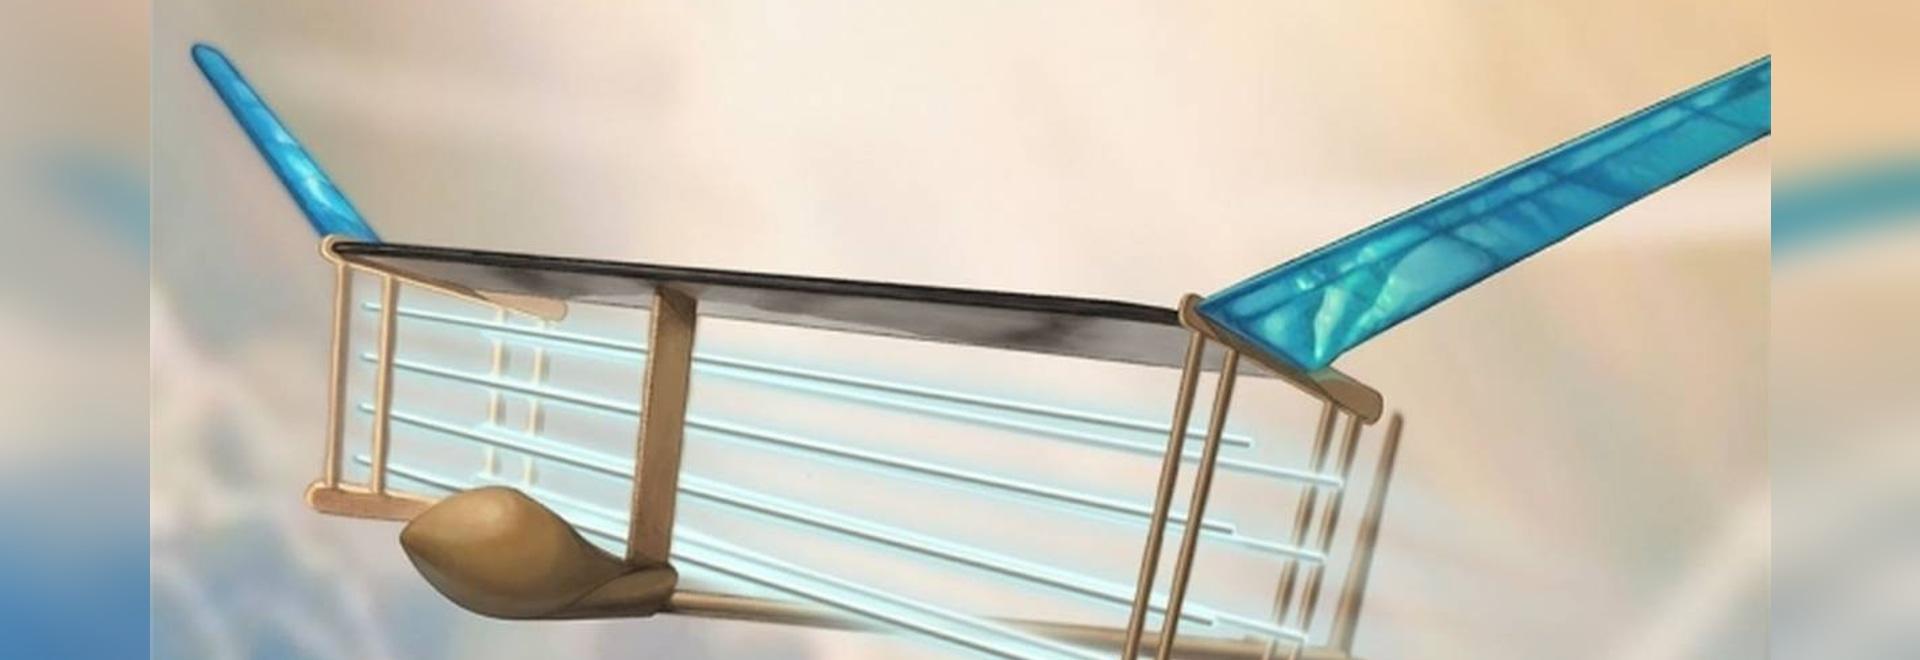 Revolutionäres leichtes Flugzeug benutzt Ionenwind, um seinen Flug anzutreiben